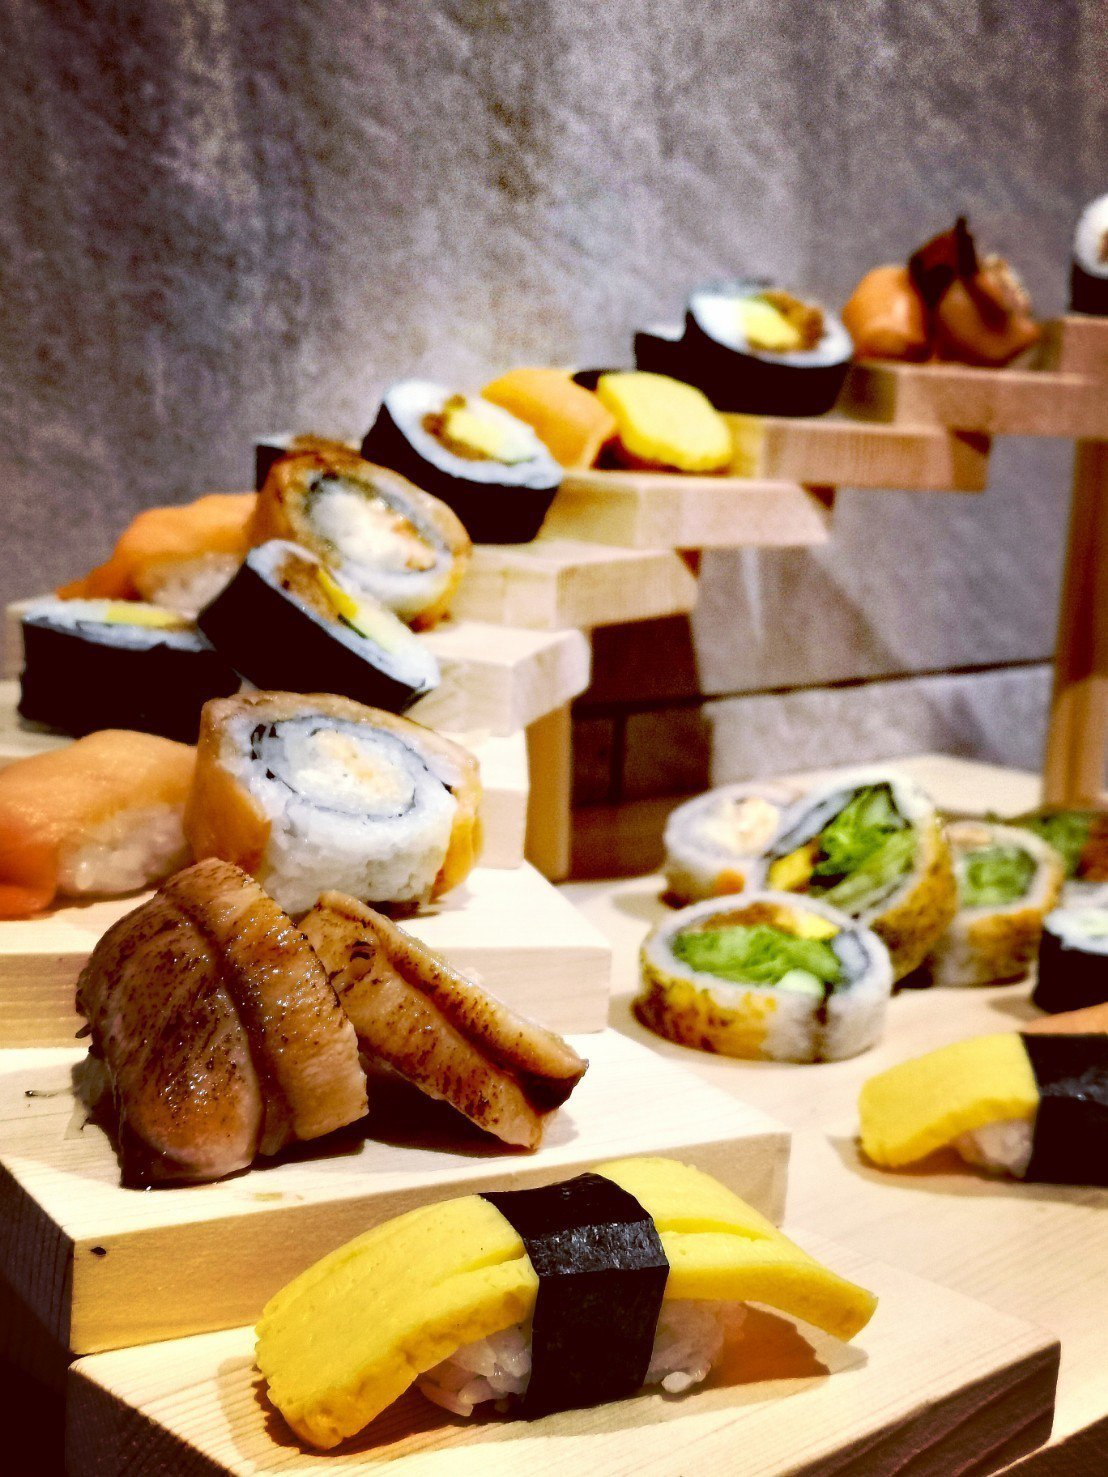 入住北投亞太飯店可享一泊二食,晚餐有豐盛的自助餐檯可以享用。記者韓化宇/攝影